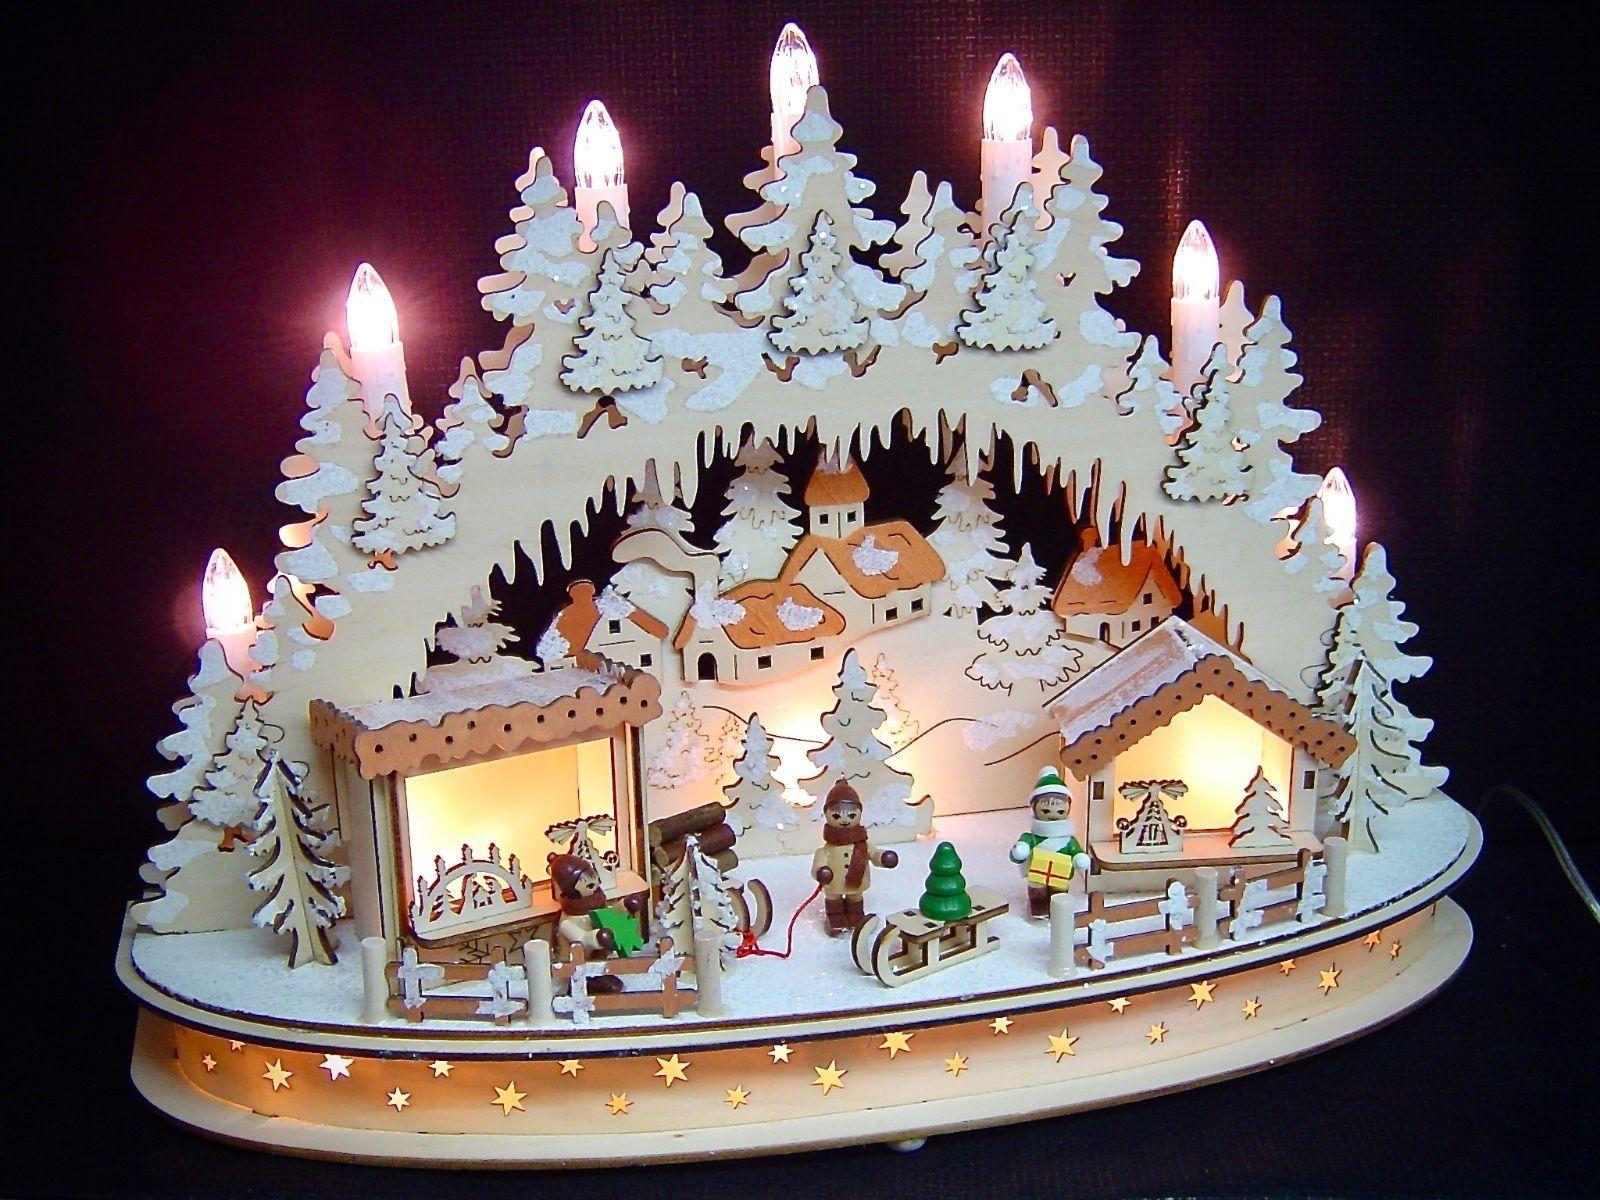 3d led lichterbogen schwibbogen weihnachtsmarkt 4 winterkinder 42 cm 10215 ebay schwibb gen - Holzarbeiten weihnachten ...